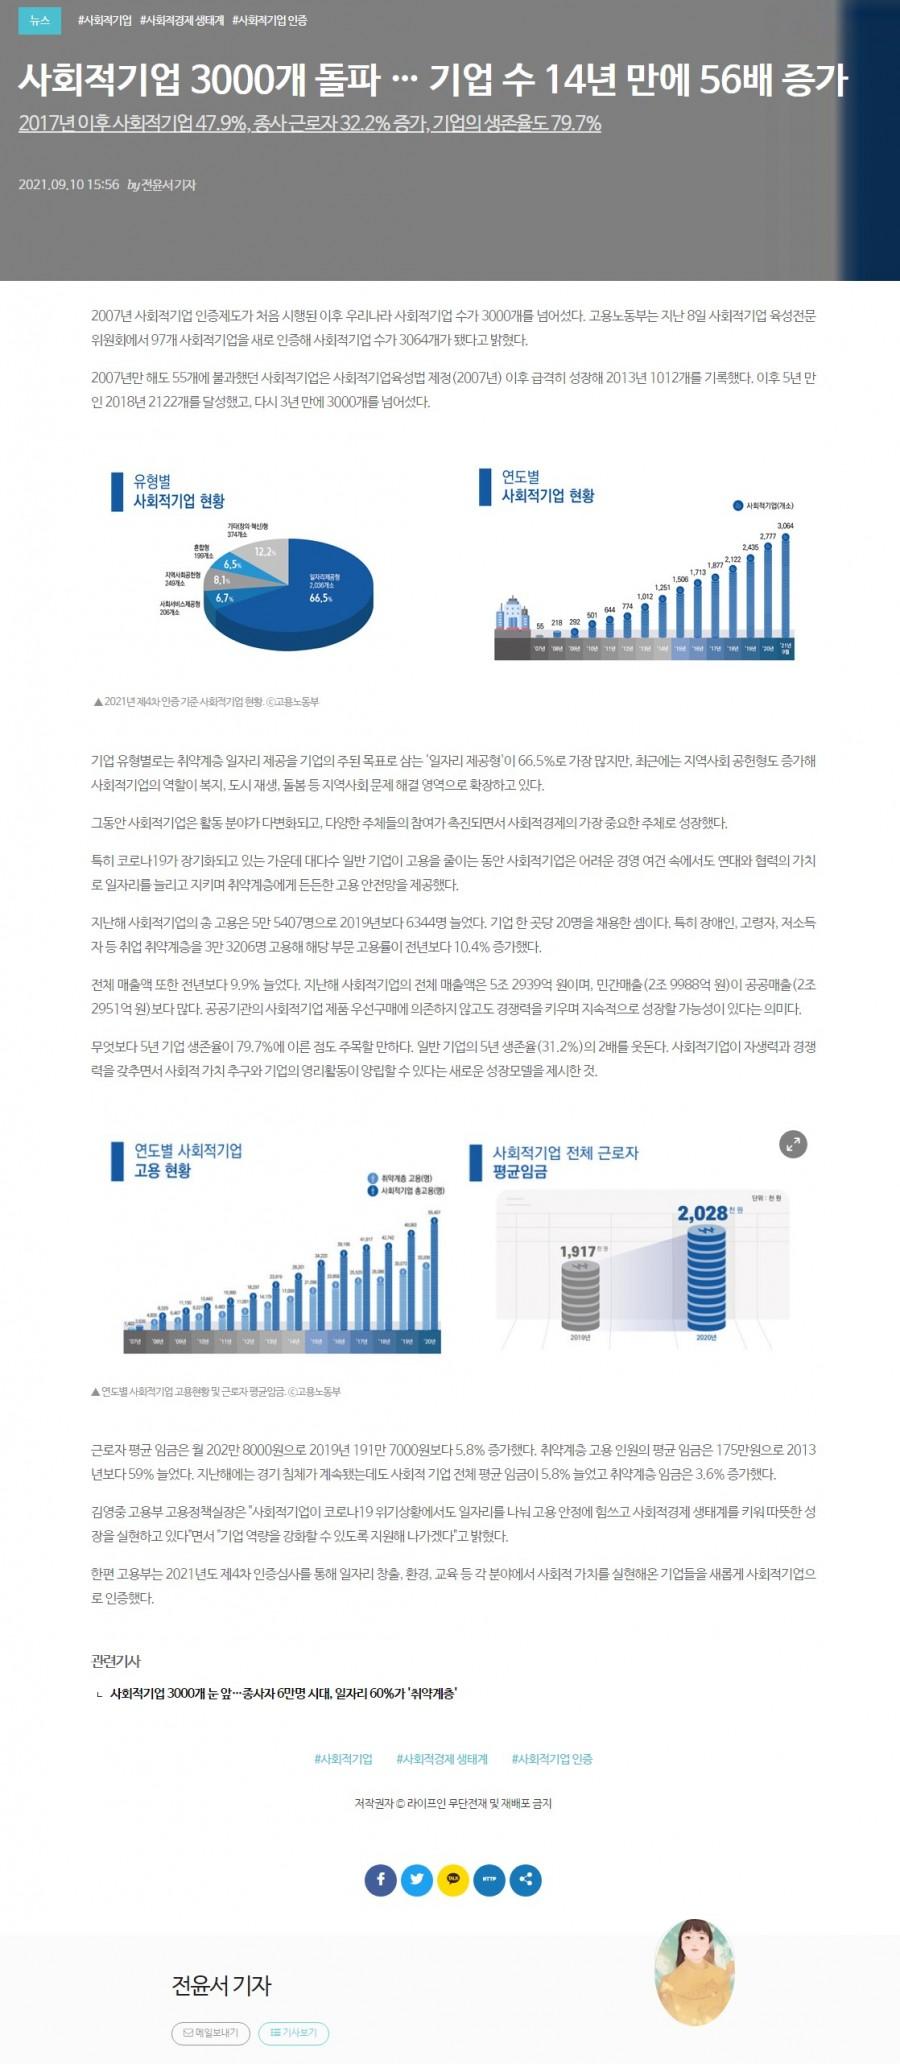 사회적기업 3000개 돌파 … 기업 수 14년 만에 56배 증가